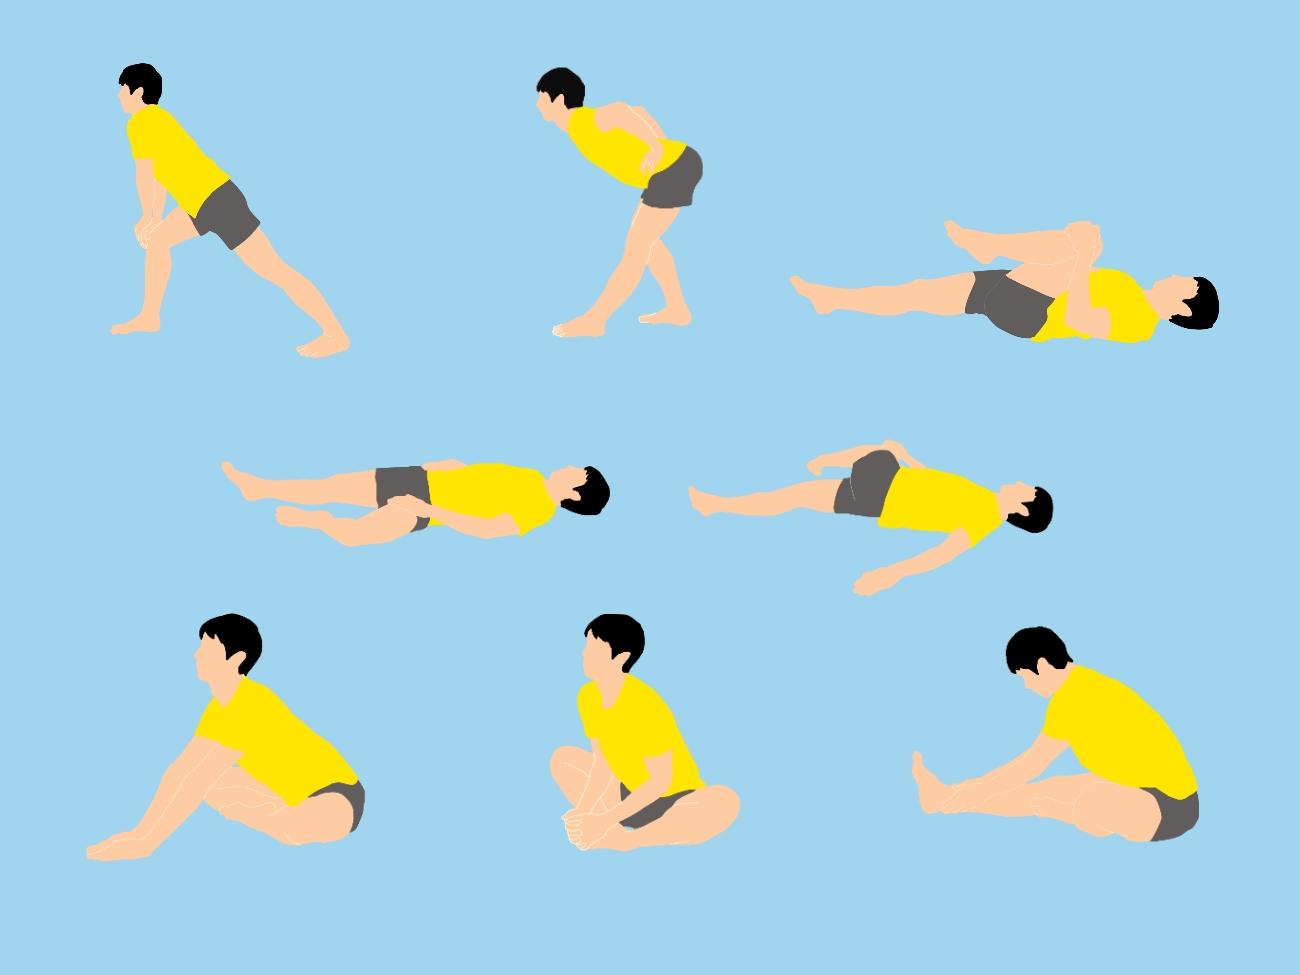 初心者向けの前屈の柔軟性向上ストレッチ